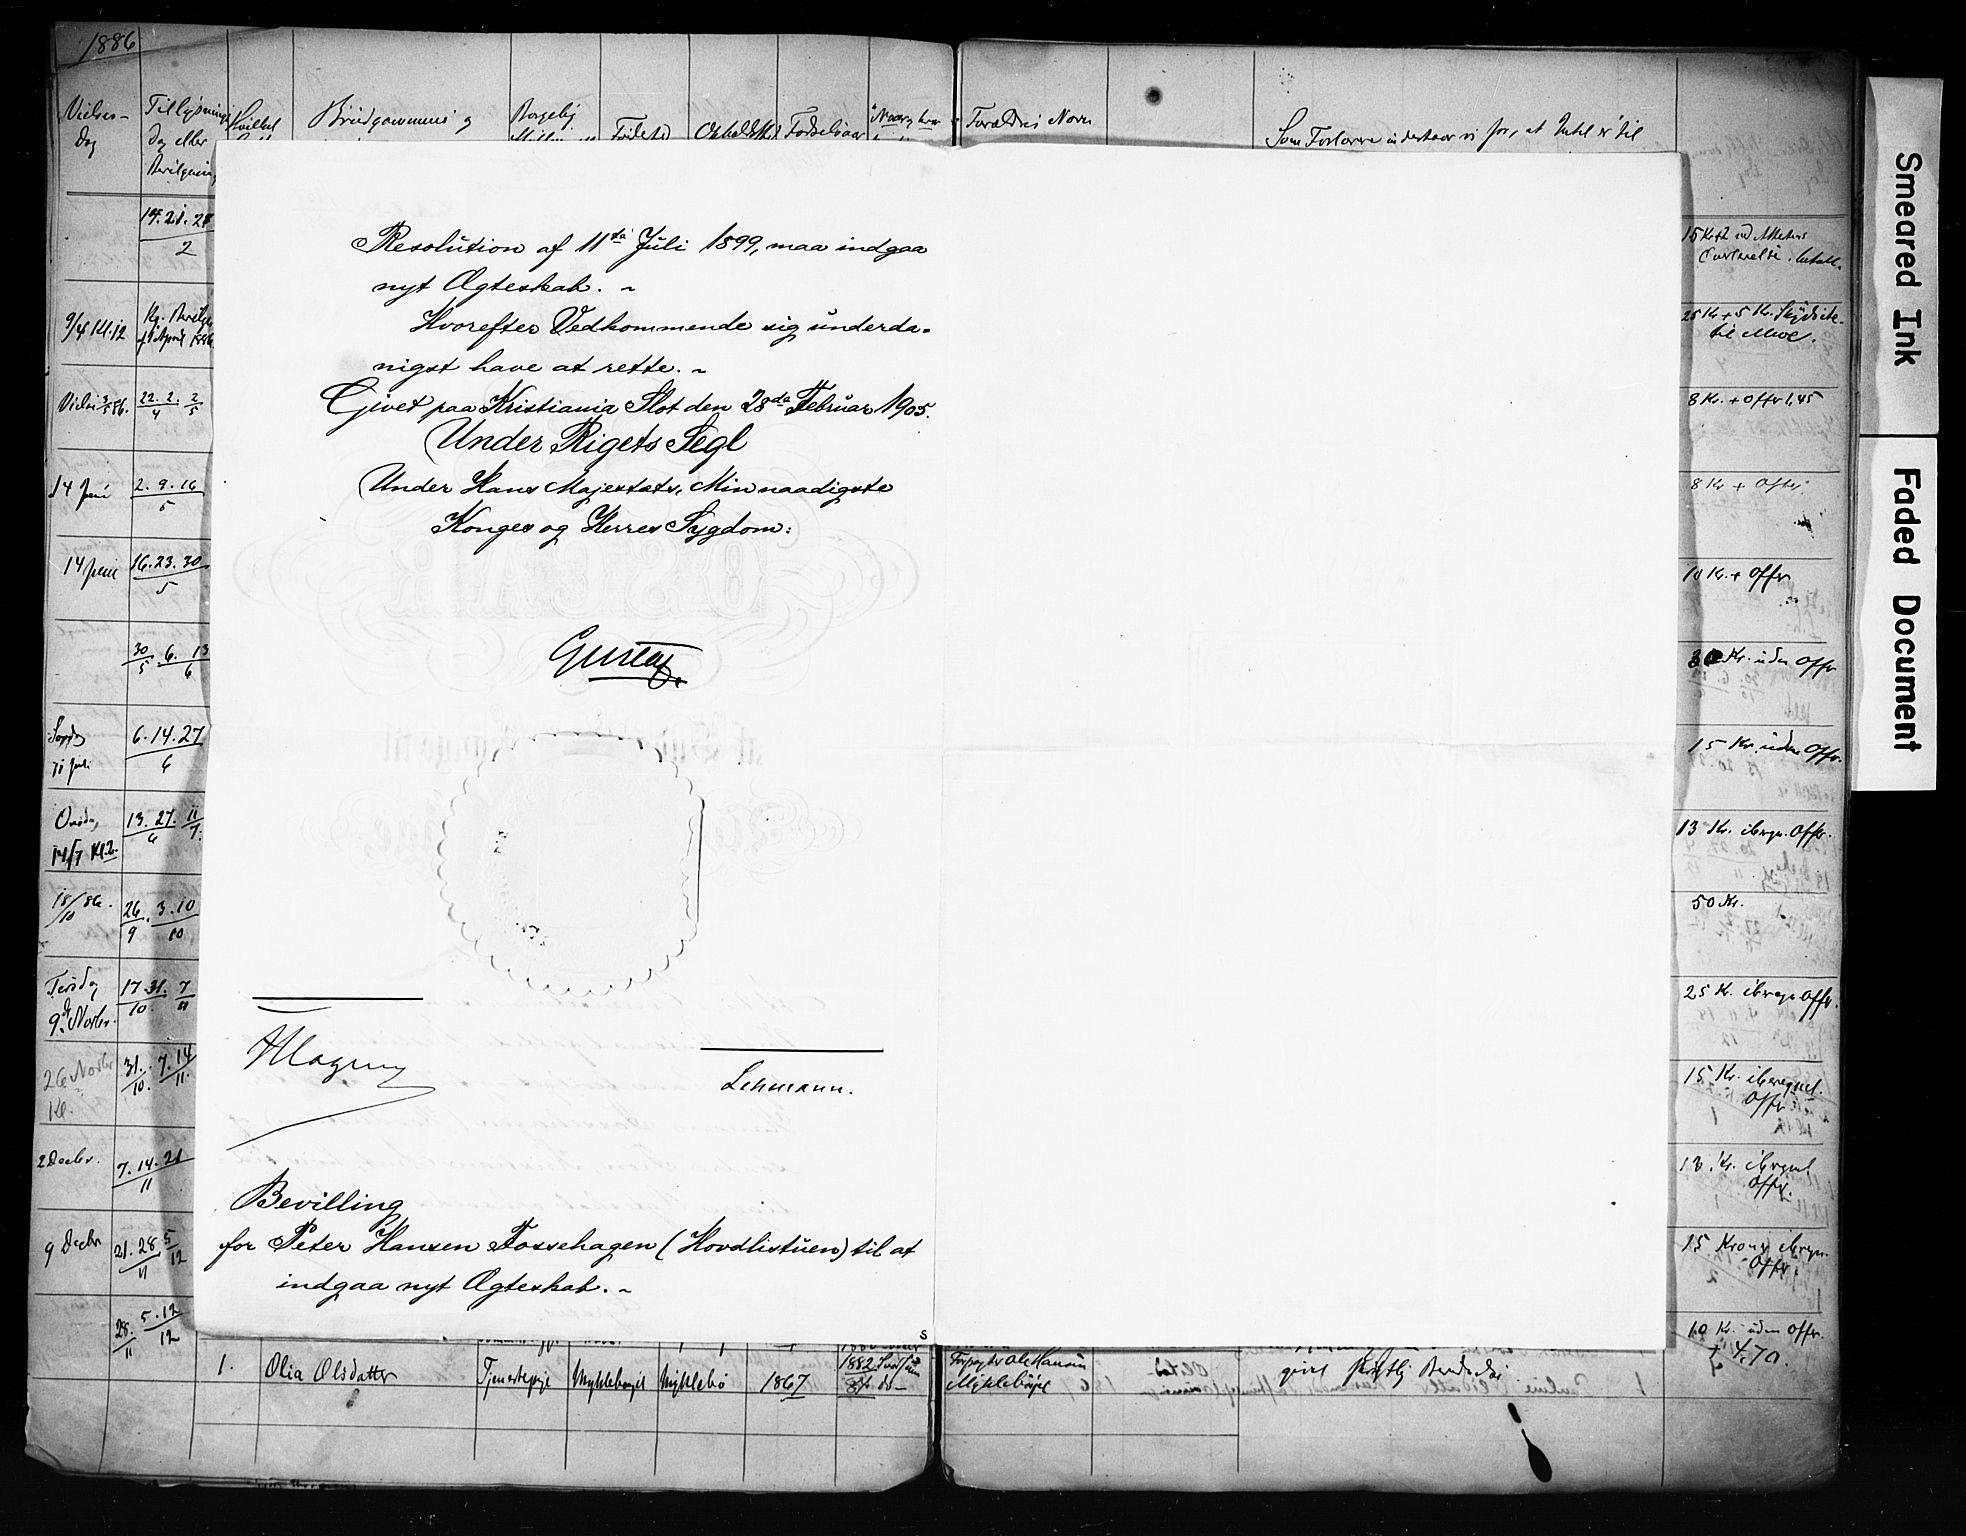 SAH, Vestre Gausdal prestekontor, Lysningsprotokoll nr. 1, 1885-1910